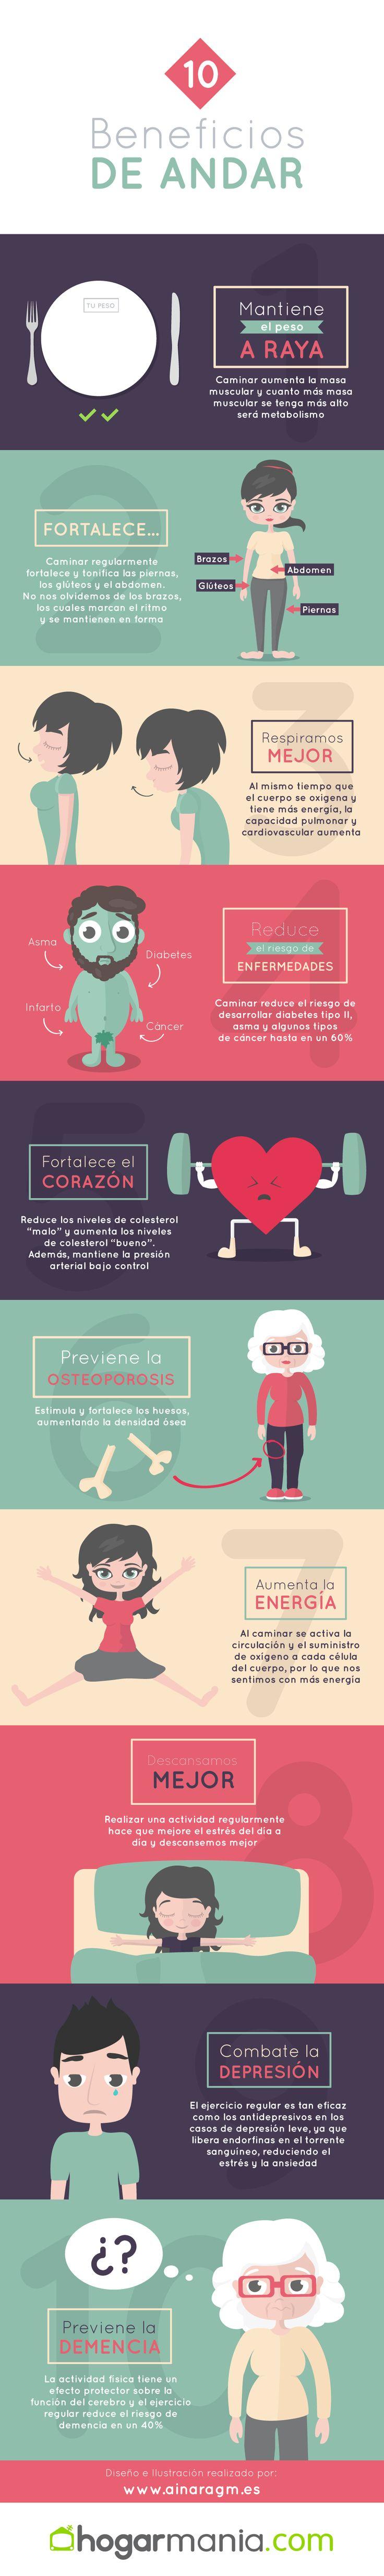 10 buenas razones para salir a andar a diario #andar #ejercicio #infografia #ilustracion